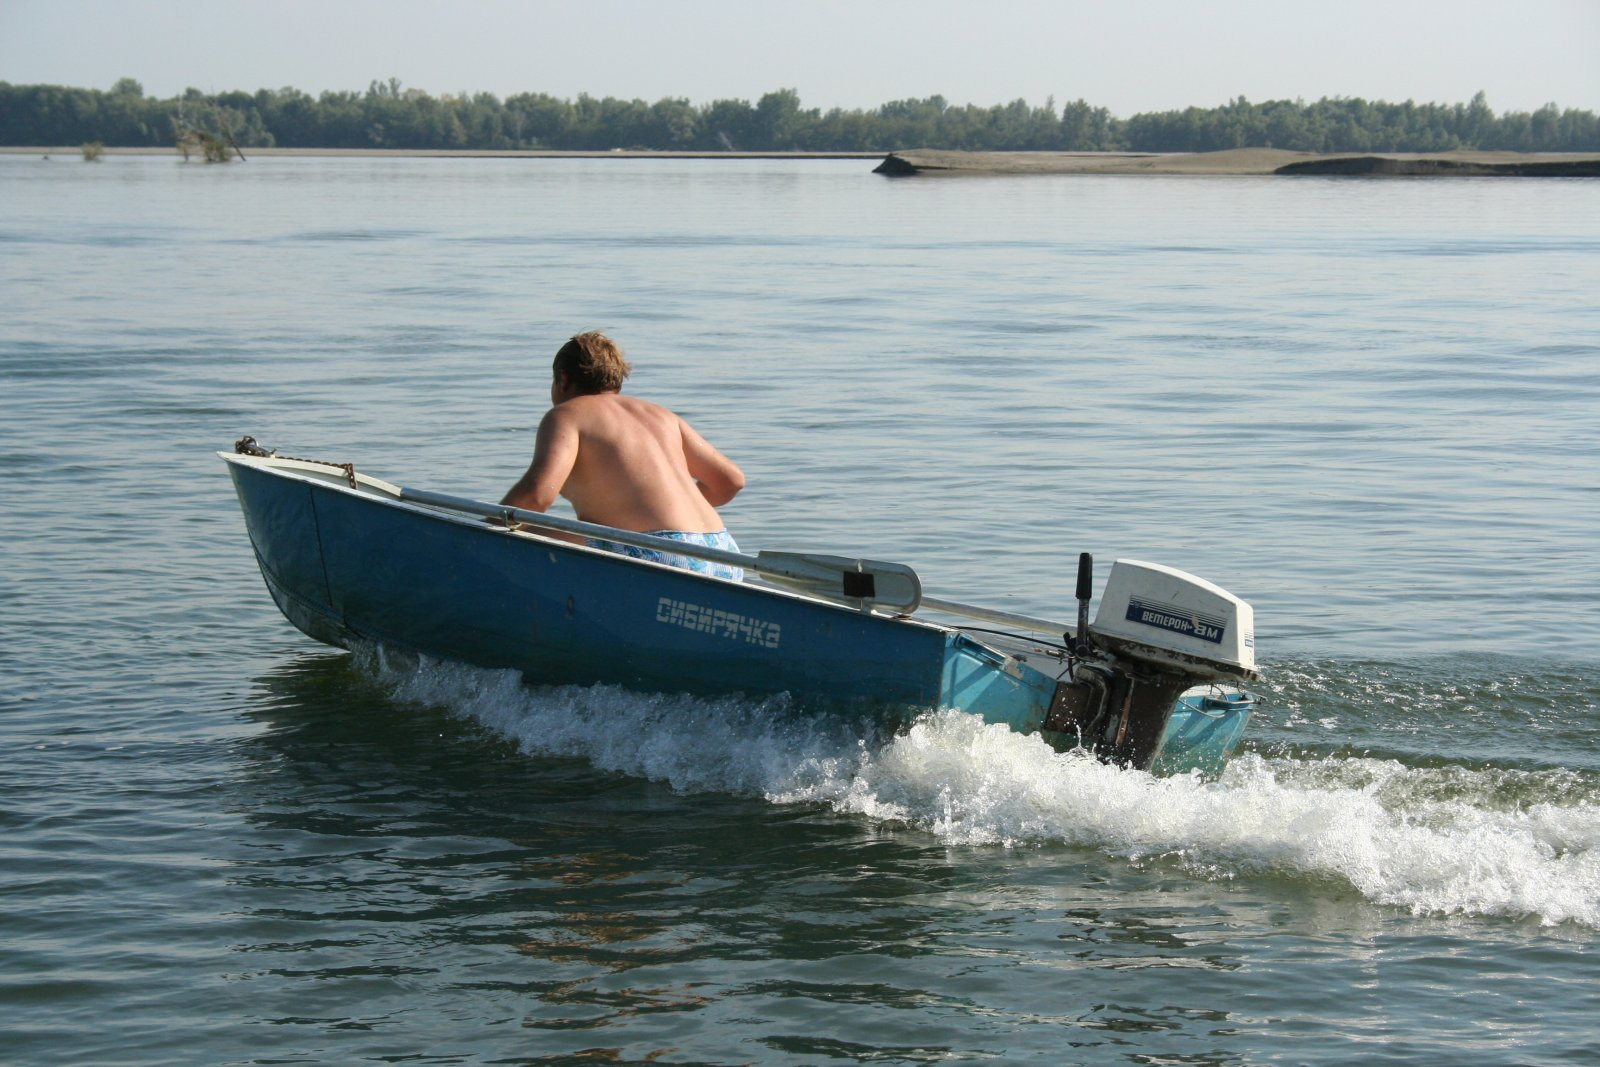 моторная лодка Сибирячка